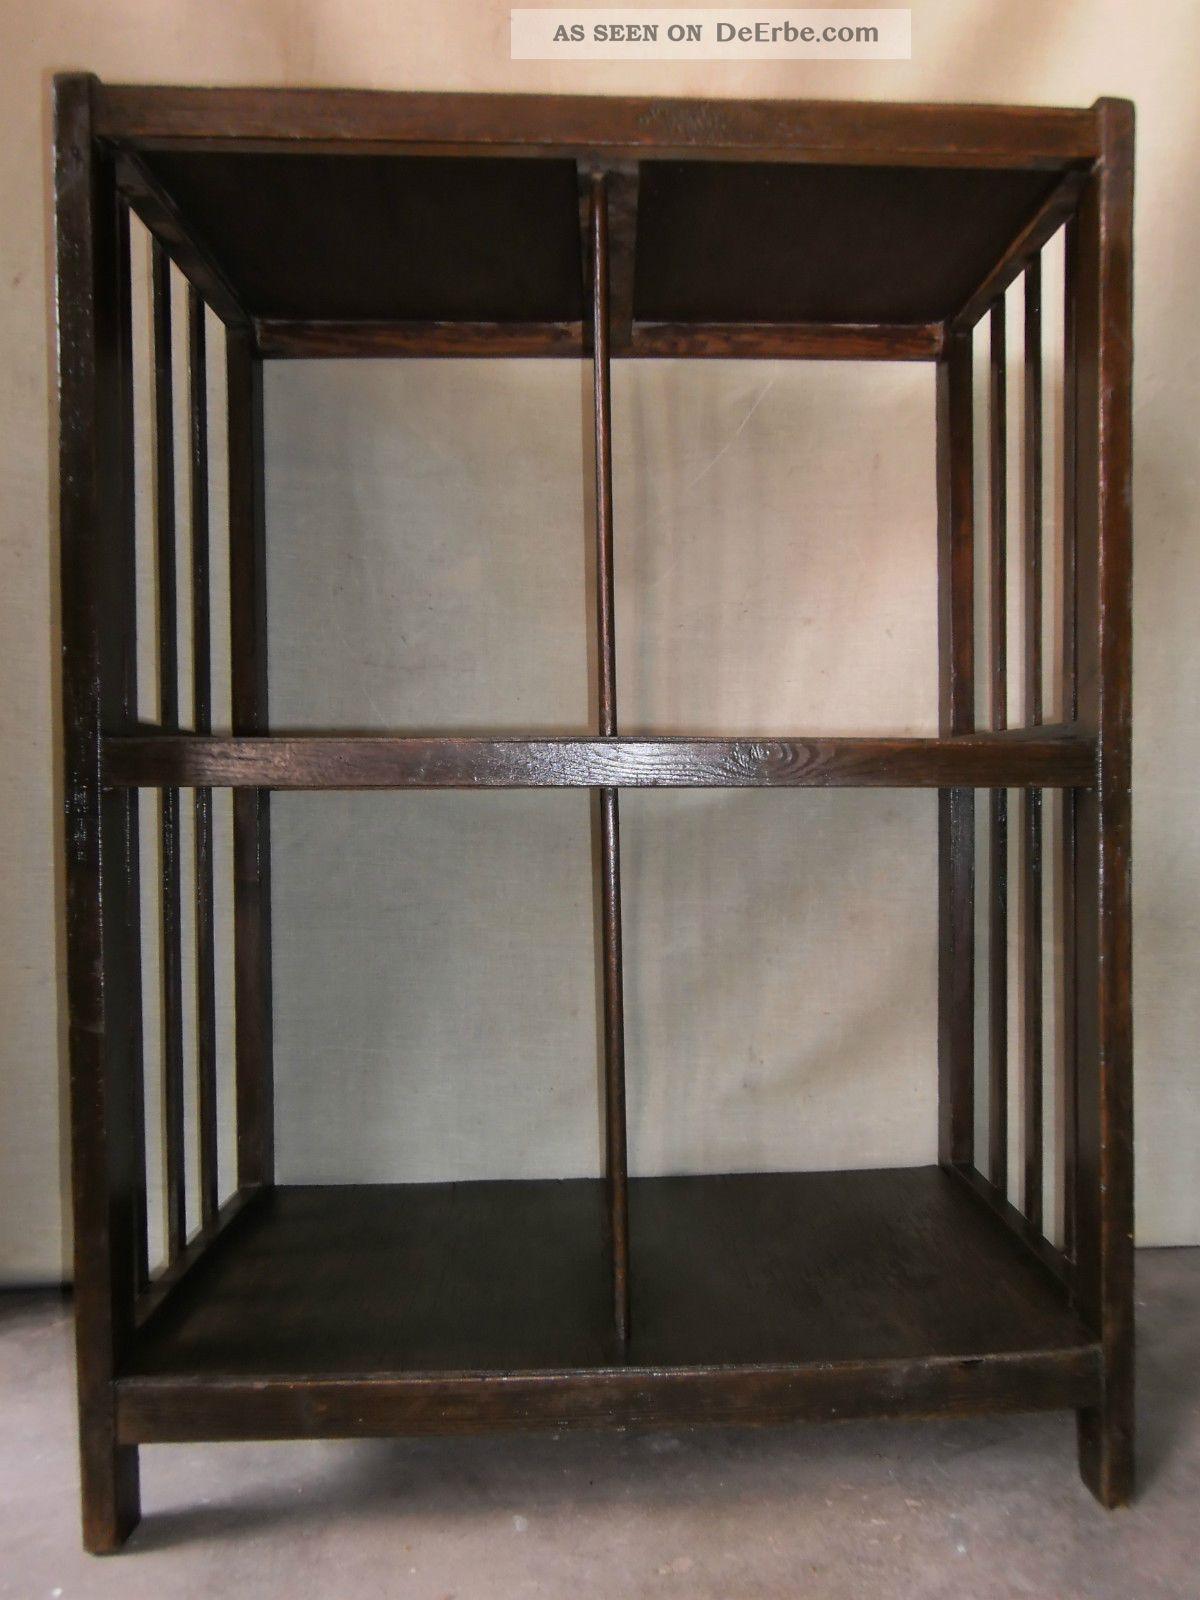 regal aktenregal etagere b cherregal standregal b roregal 3 ebenen art deco. Black Bedroom Furniture Sets. Home Design Ideas